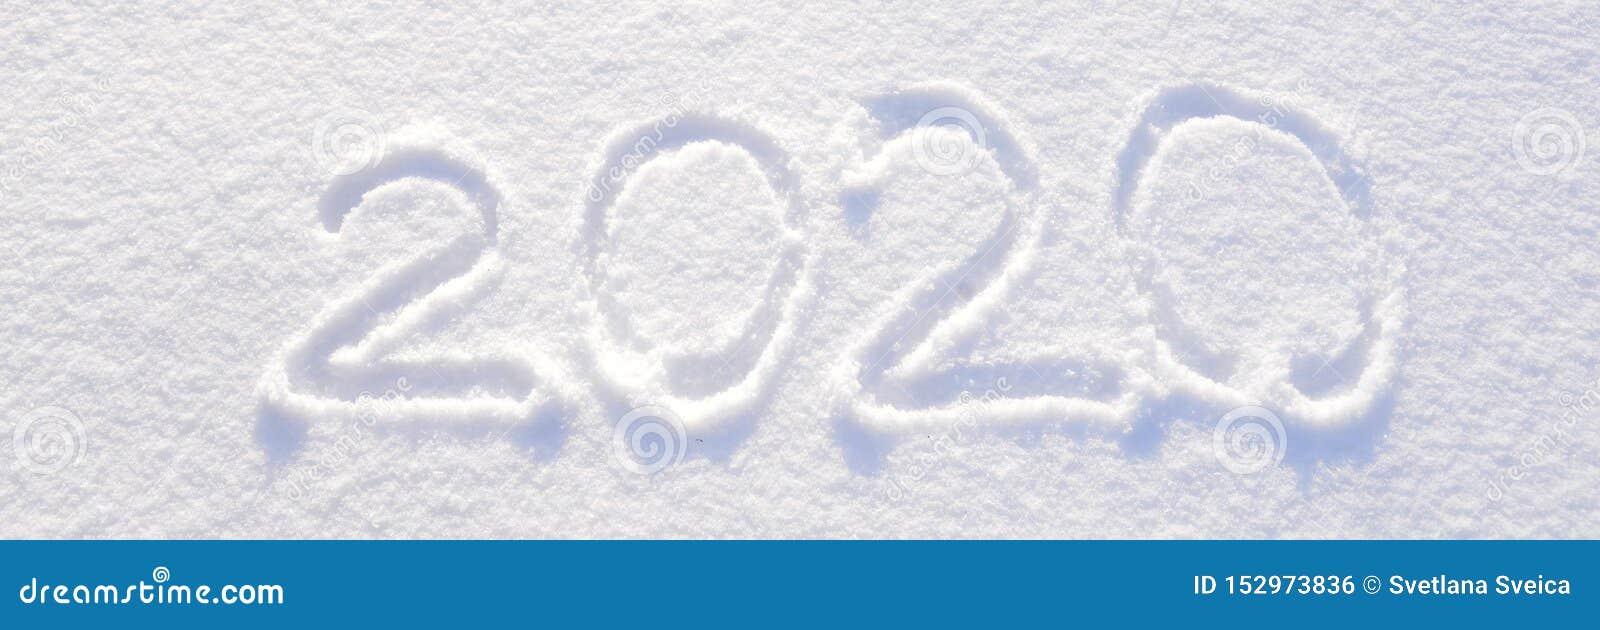 2020在新雪纹理-寒假,圣诞快乐,新年概念好日子背景写的文本